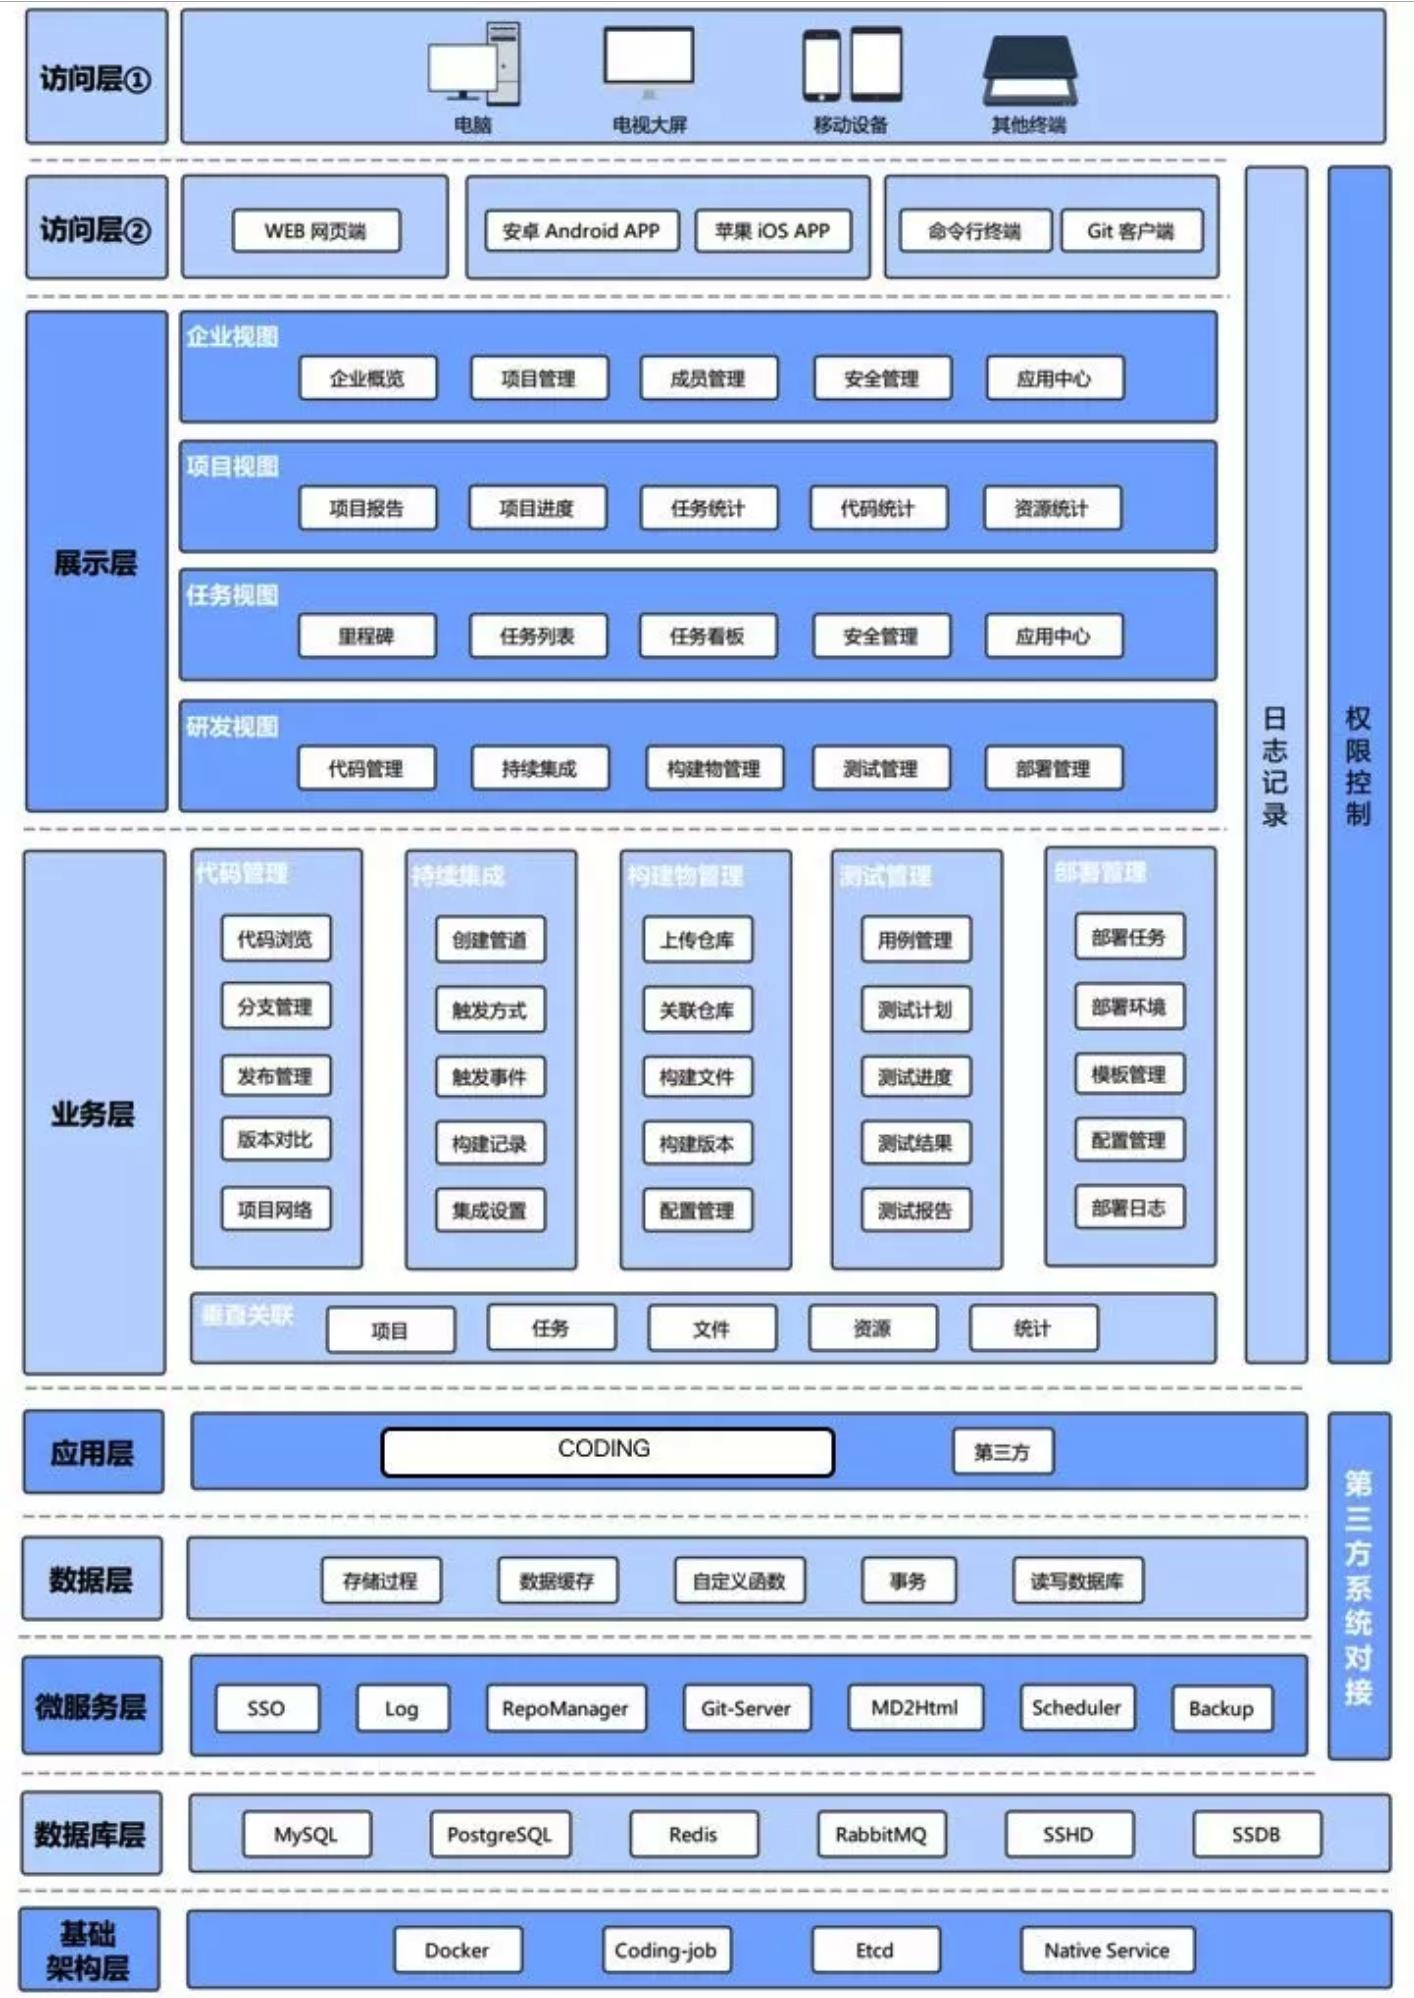 CODING 私有部署解决方案系统架构图